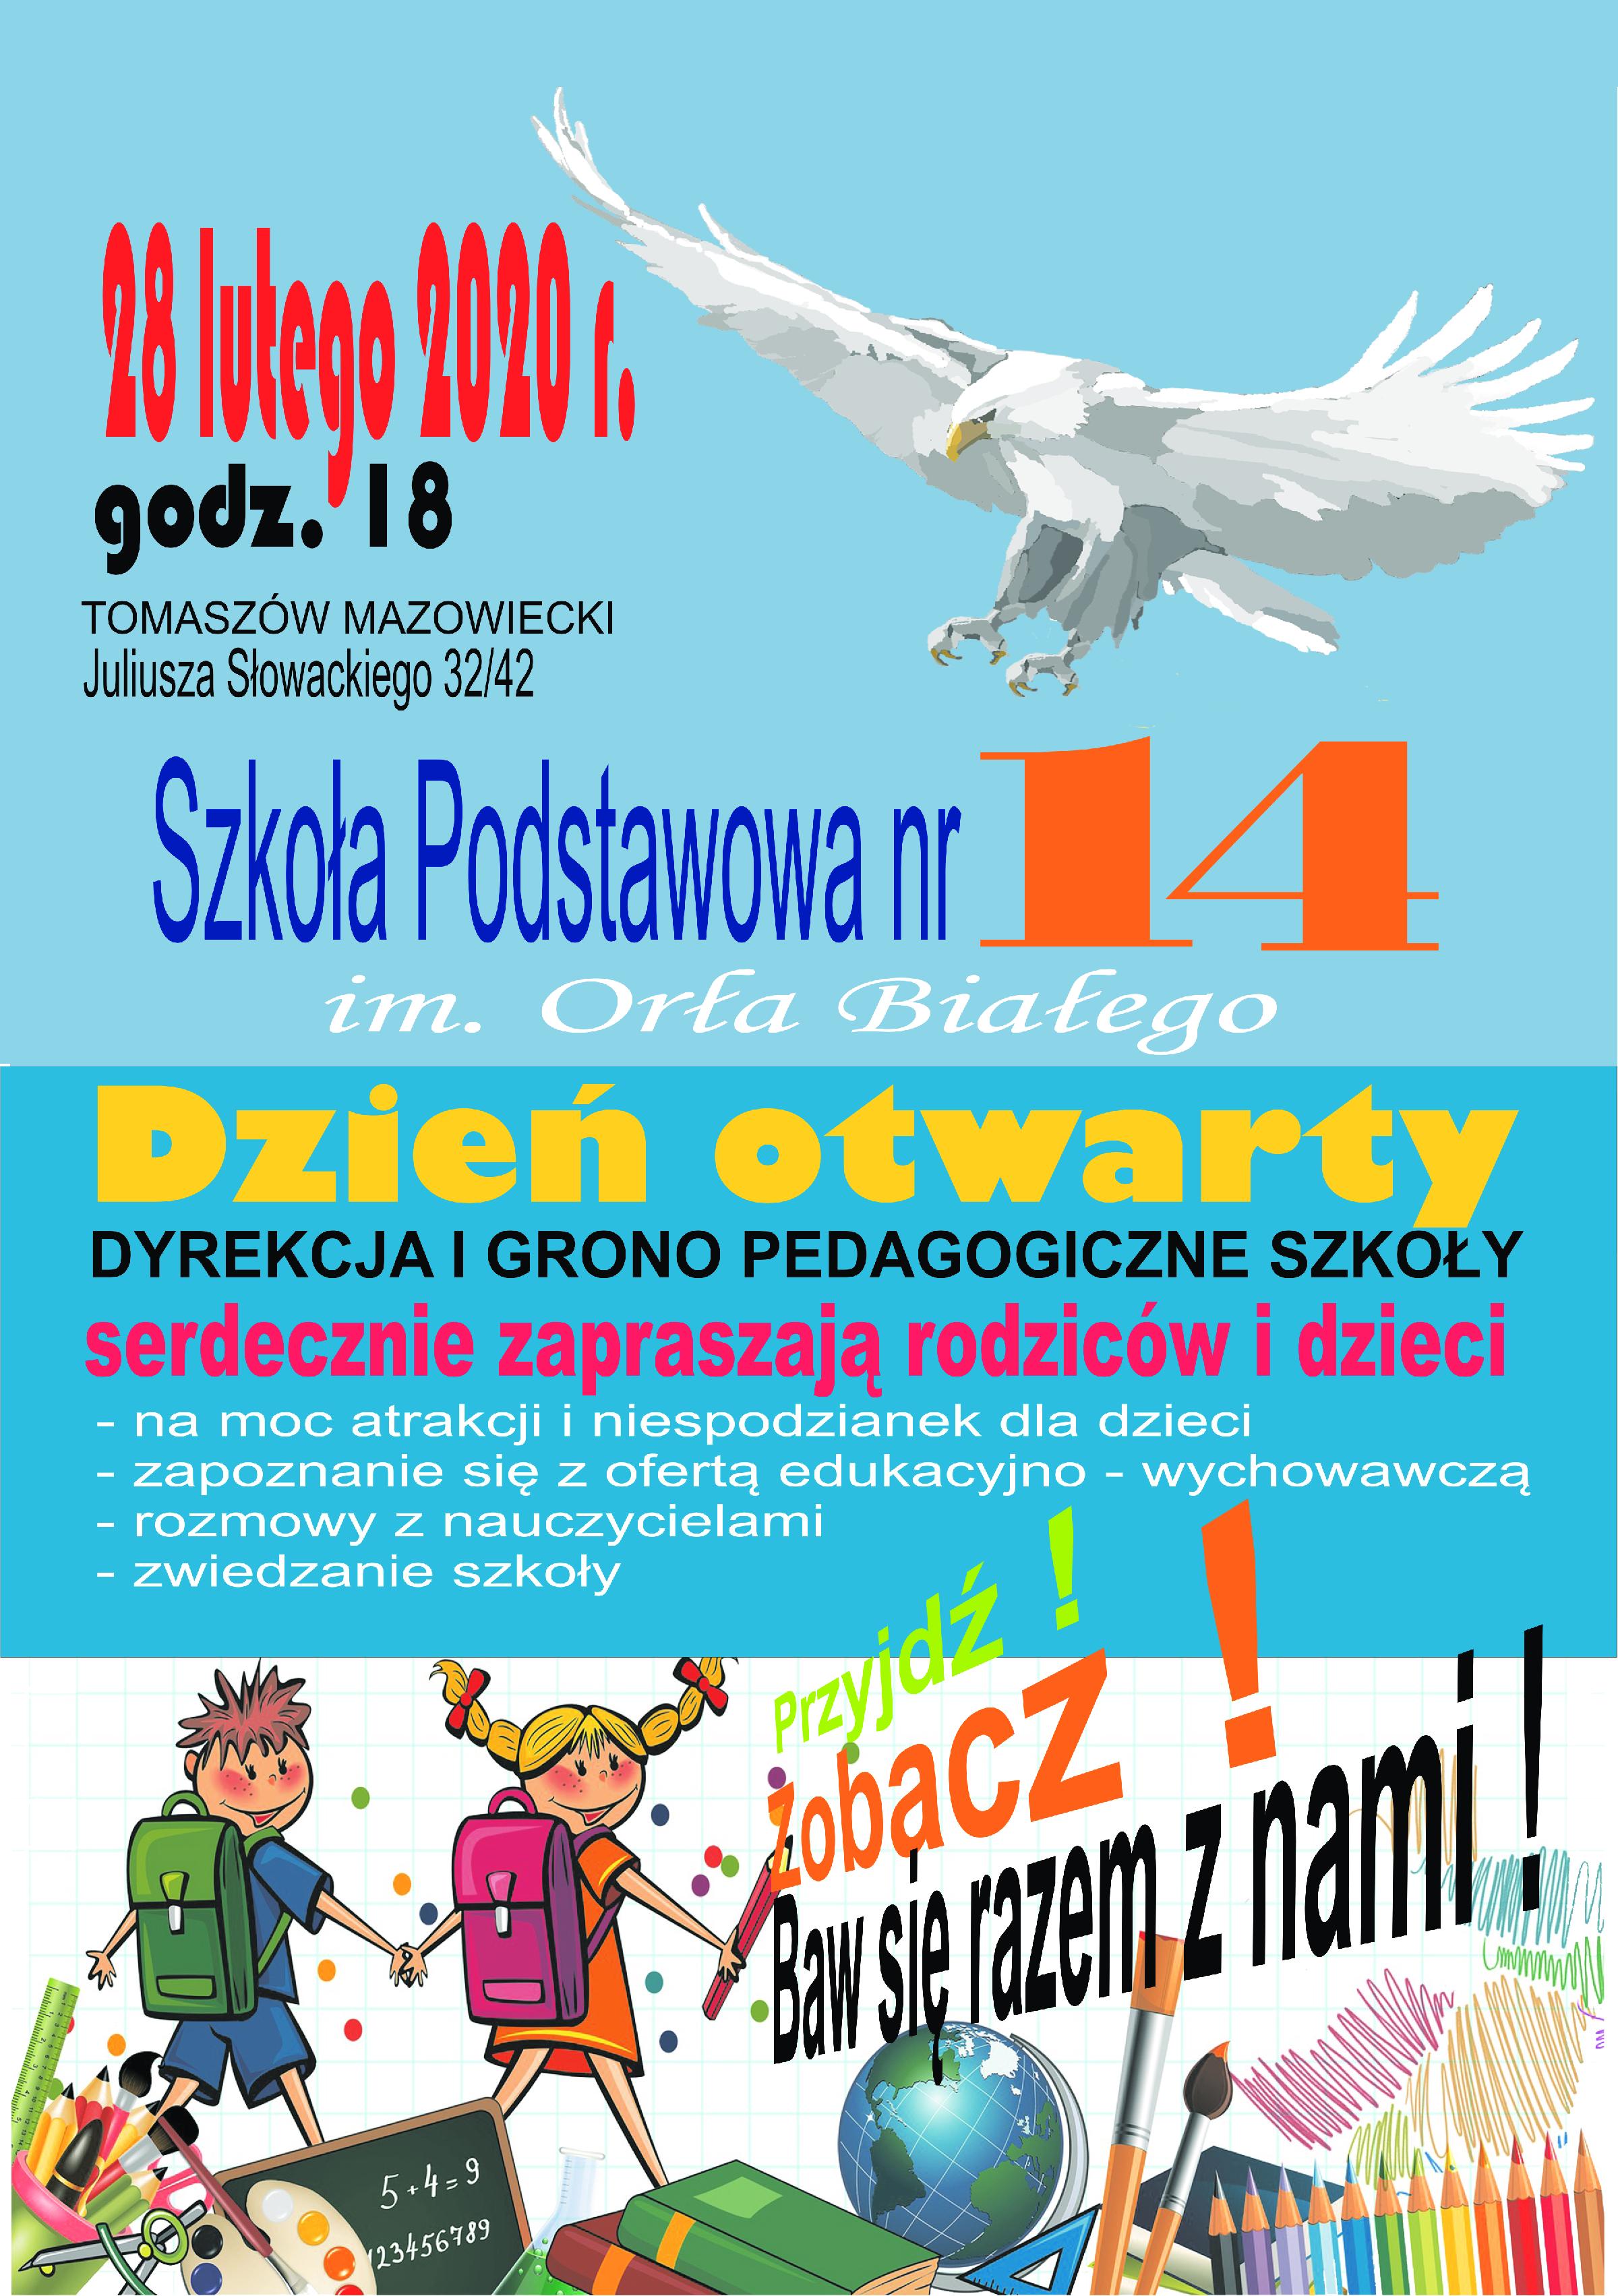 dzień otwarty w SP 14 2020 plakat